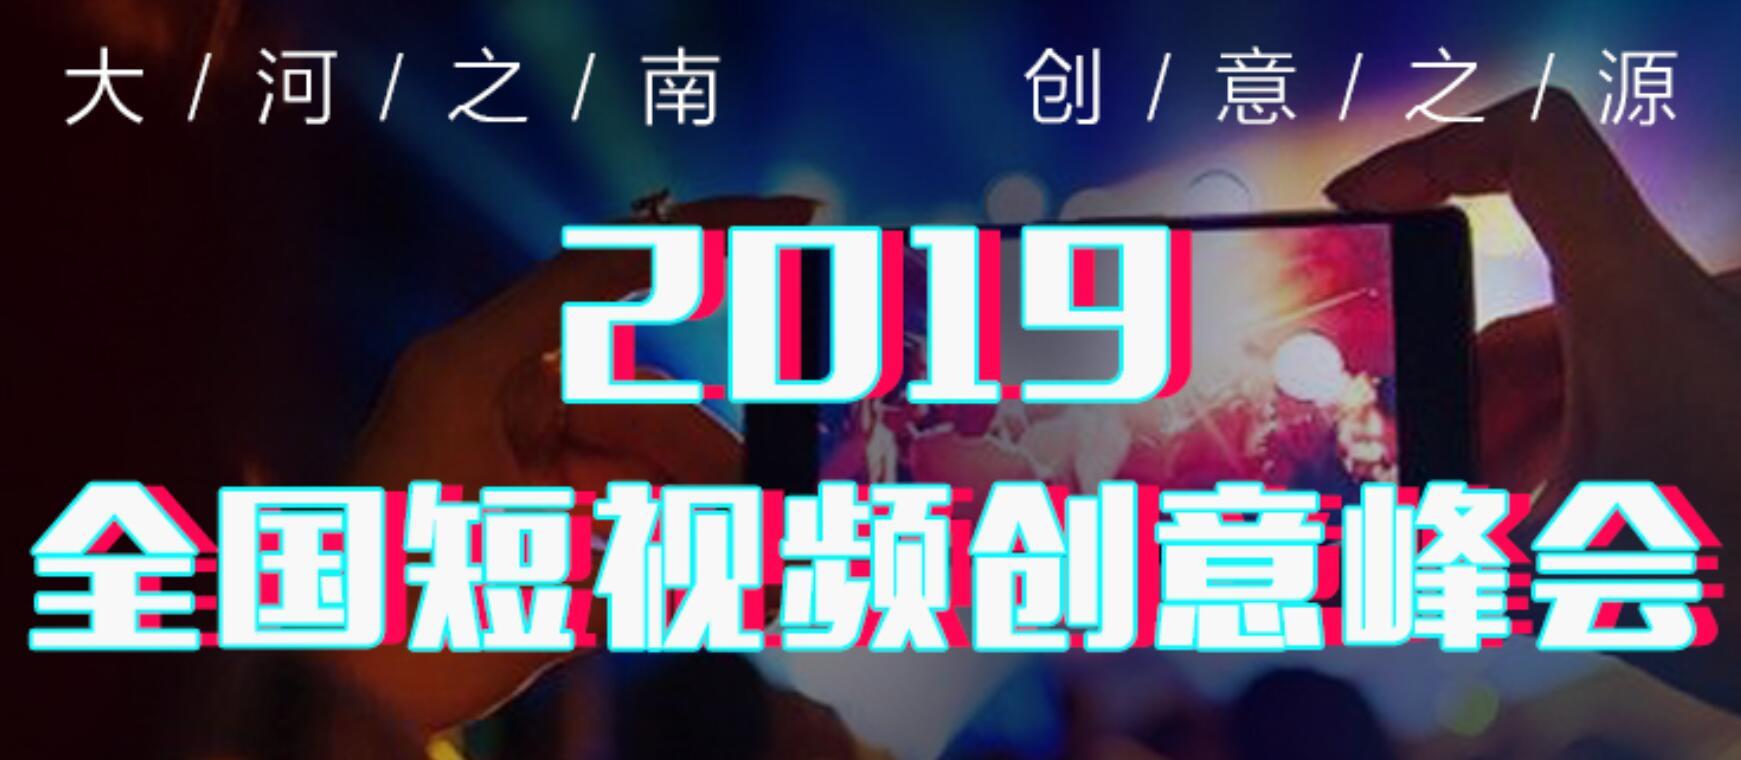 2019年全国短视频创意峰会直播